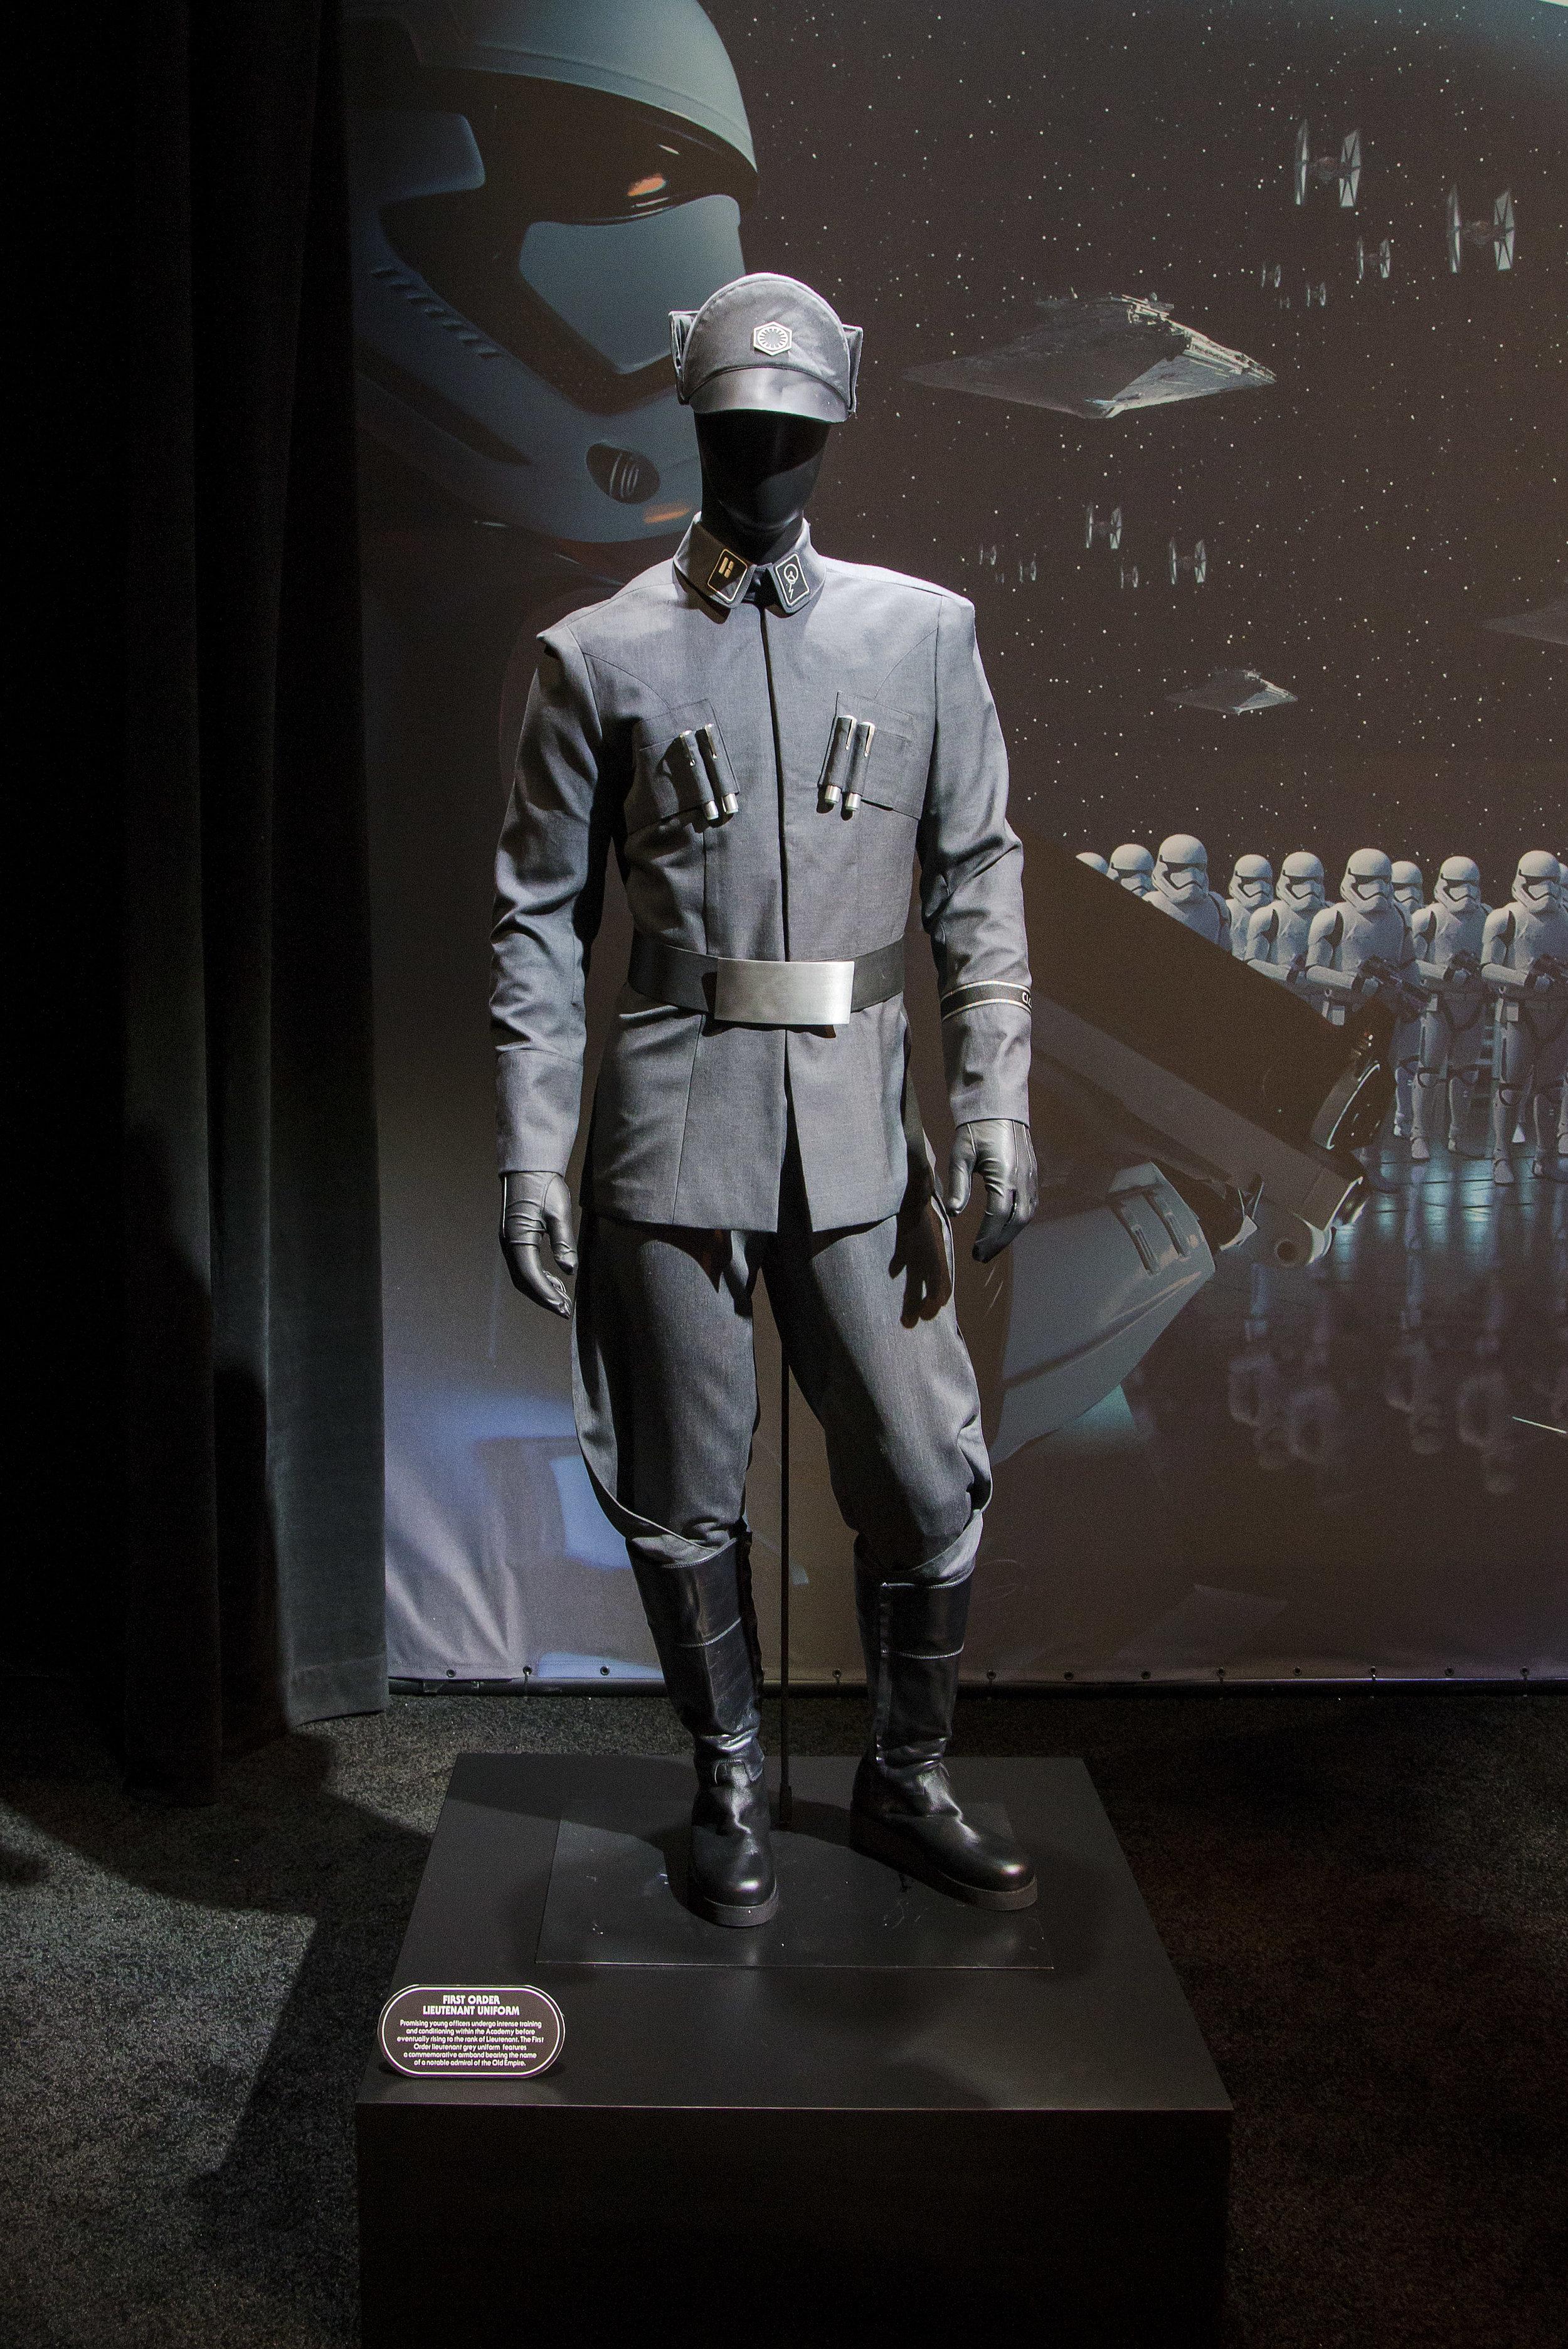 Star Wars Galaxy's Edge Cast Member Uniform